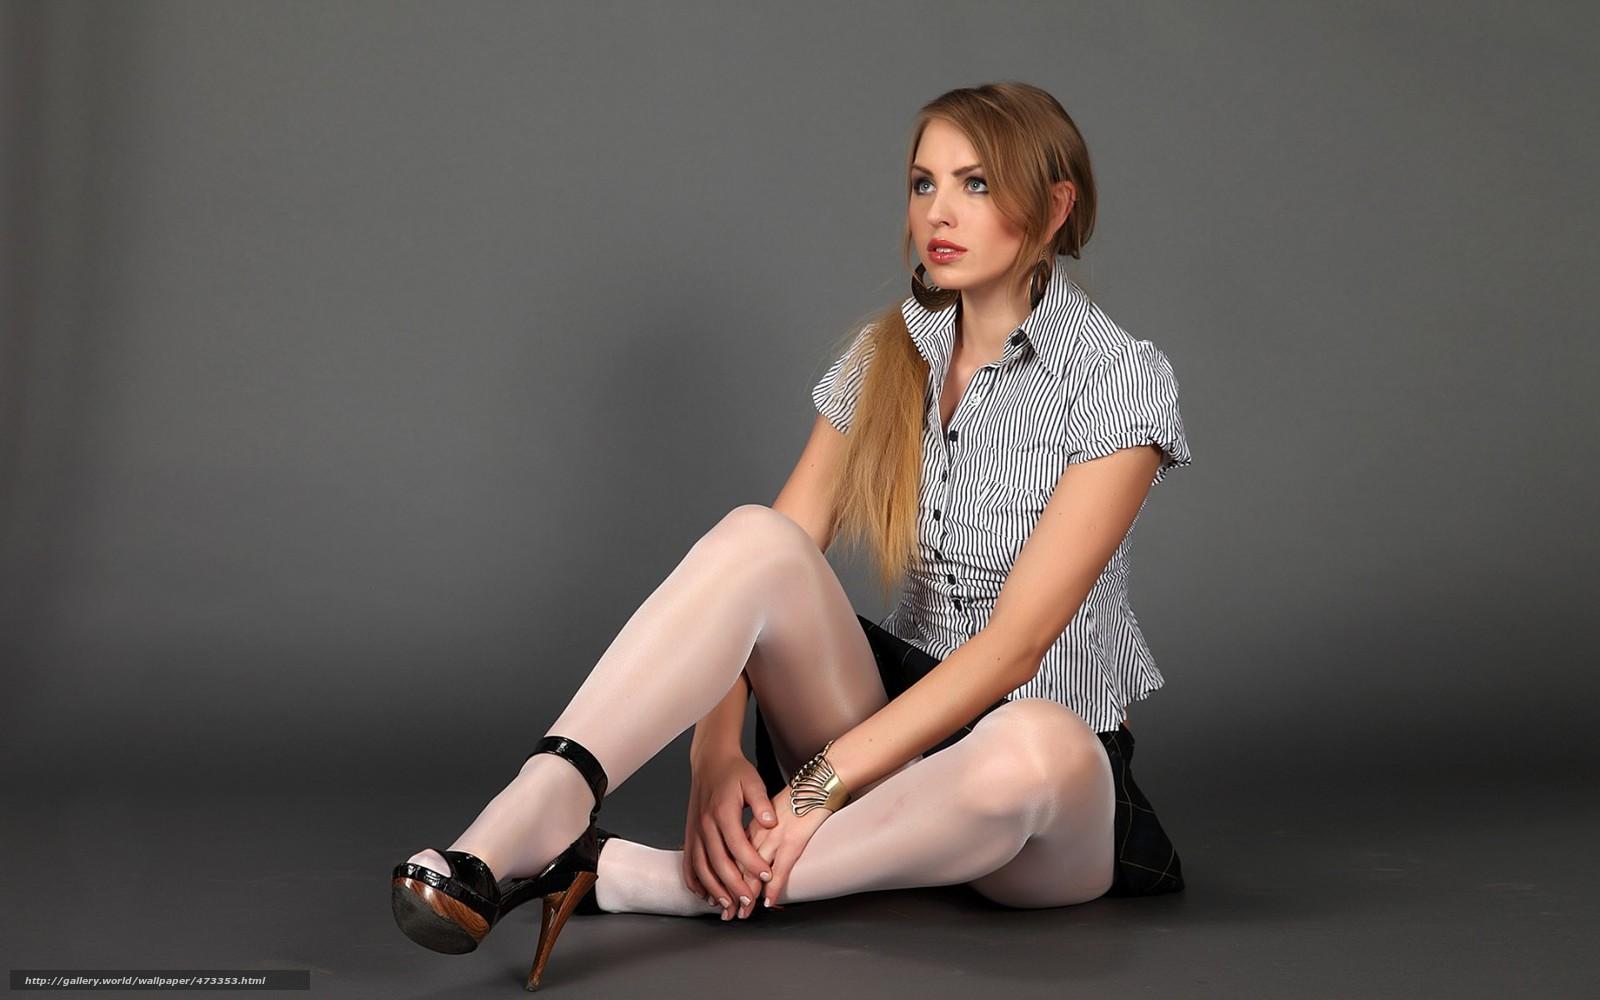 Фото молодой девушки в нейлоновых колготках белого цвета 7 фотография